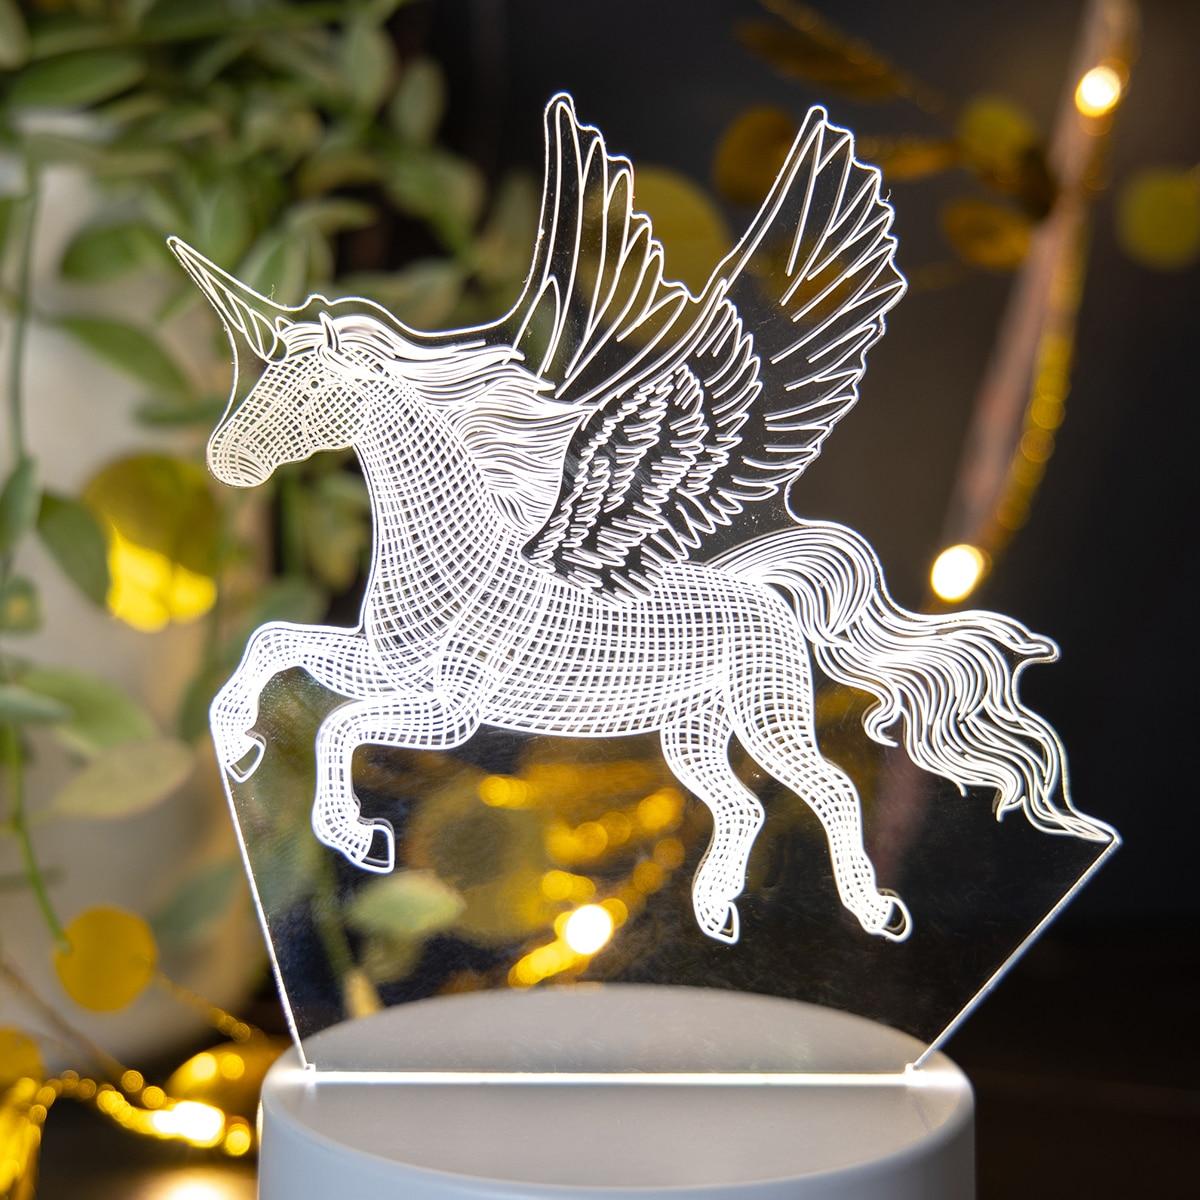 1 Stück 3 Farben veränderbares 3D-Nachtlicht mit Einhorn Design